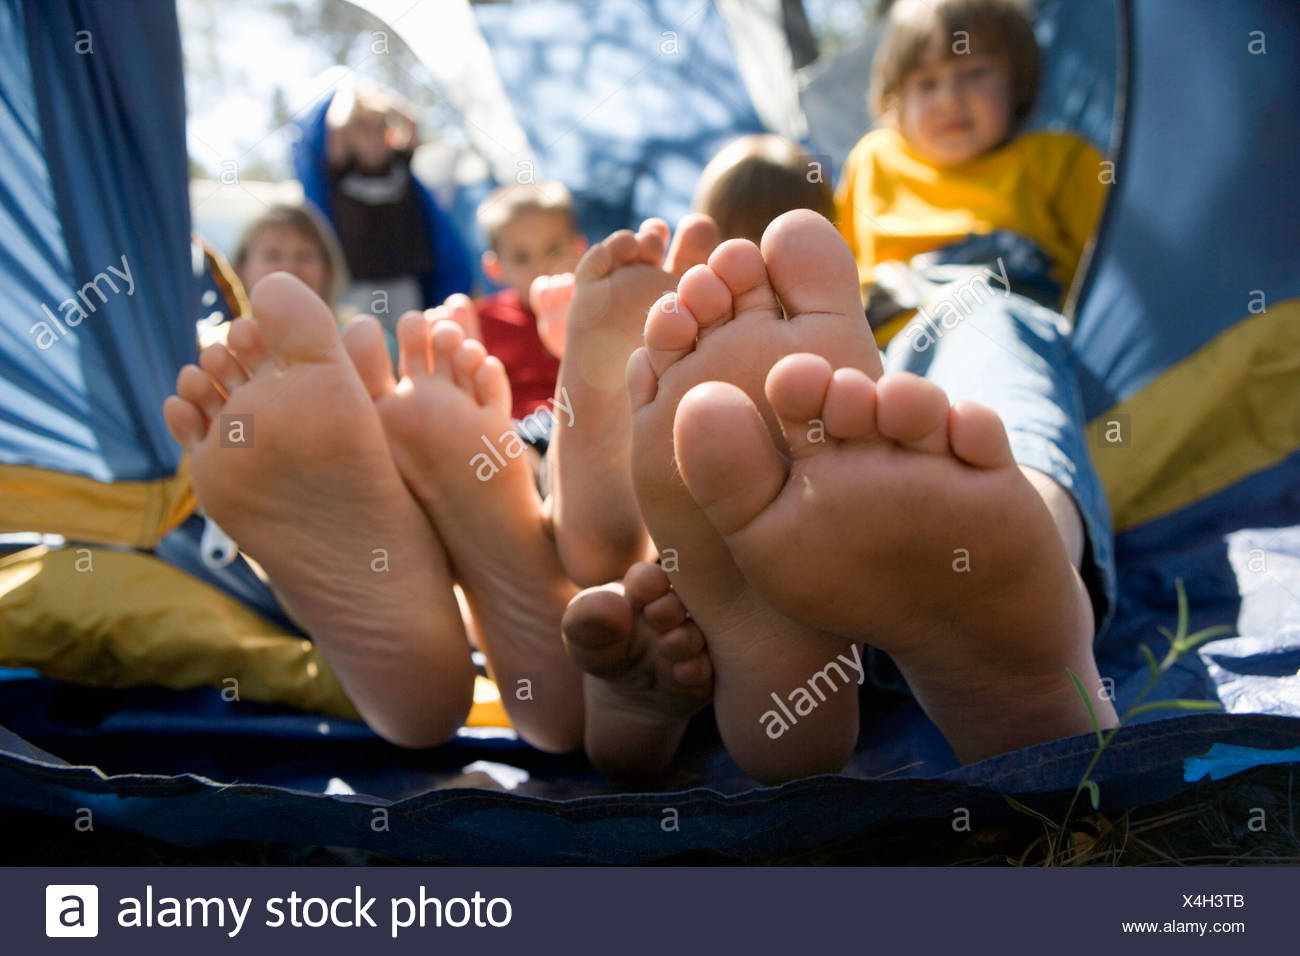 Vista de los pies de un niño asomando de una carpa Imagen De Stock